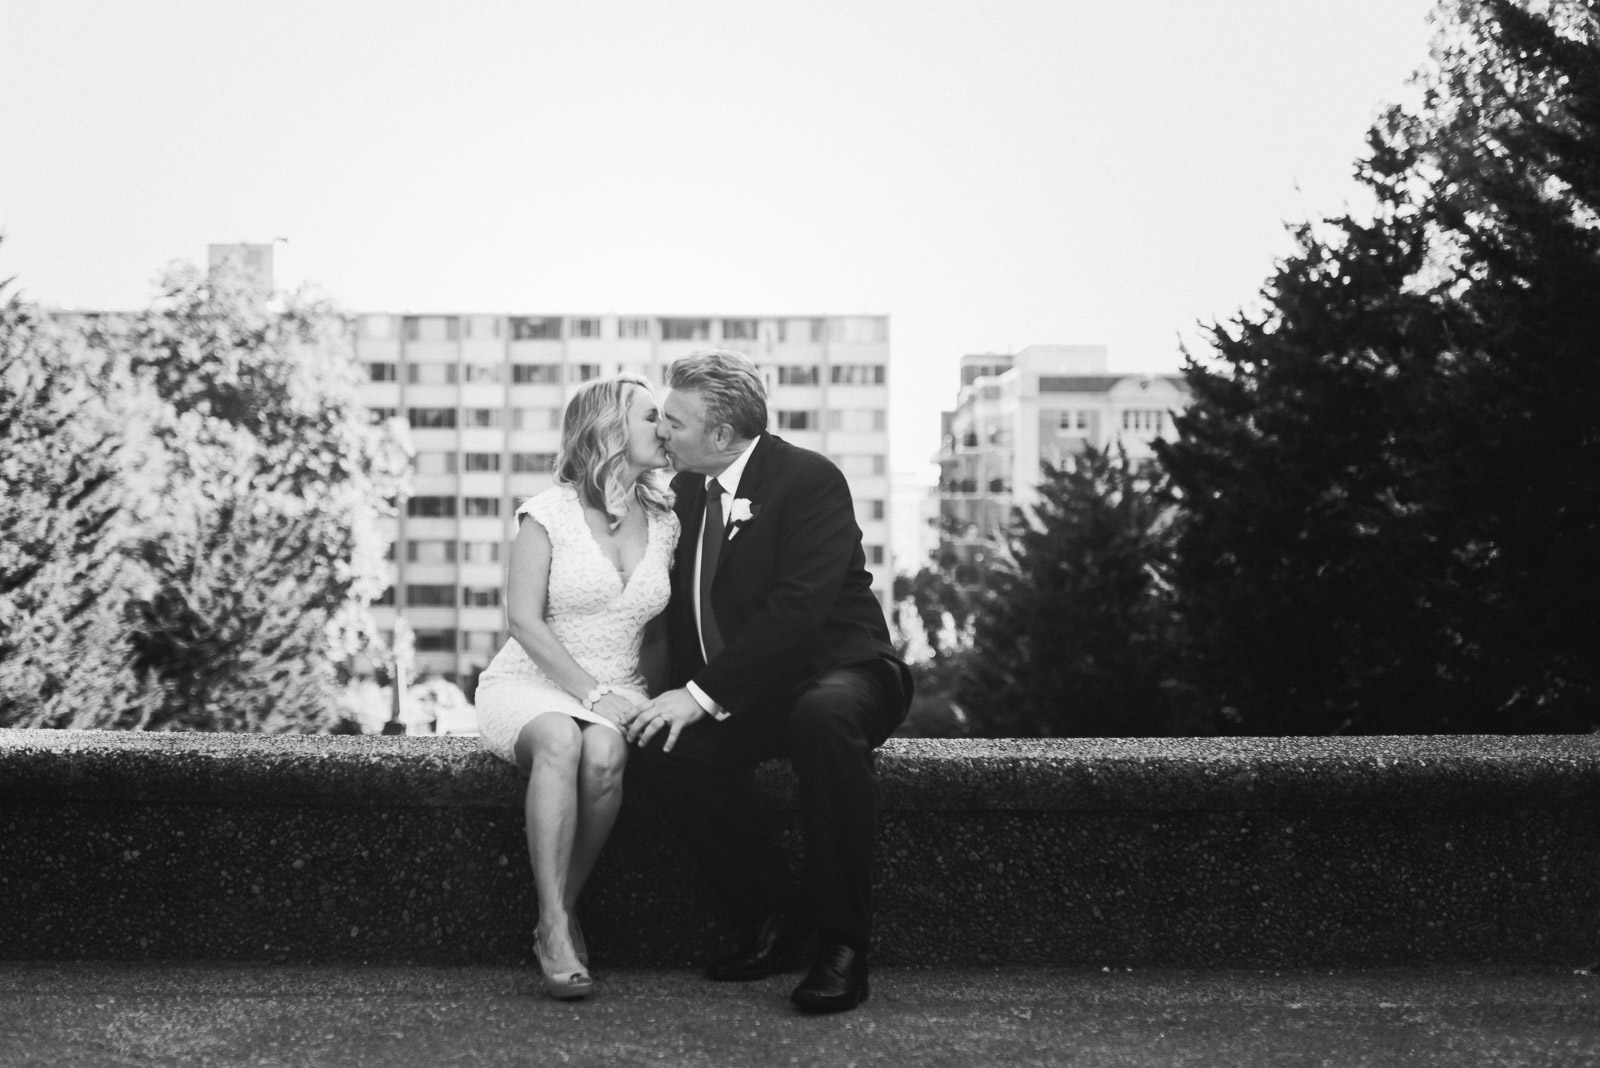 phill-cherie-wedding-025-blog.jpg